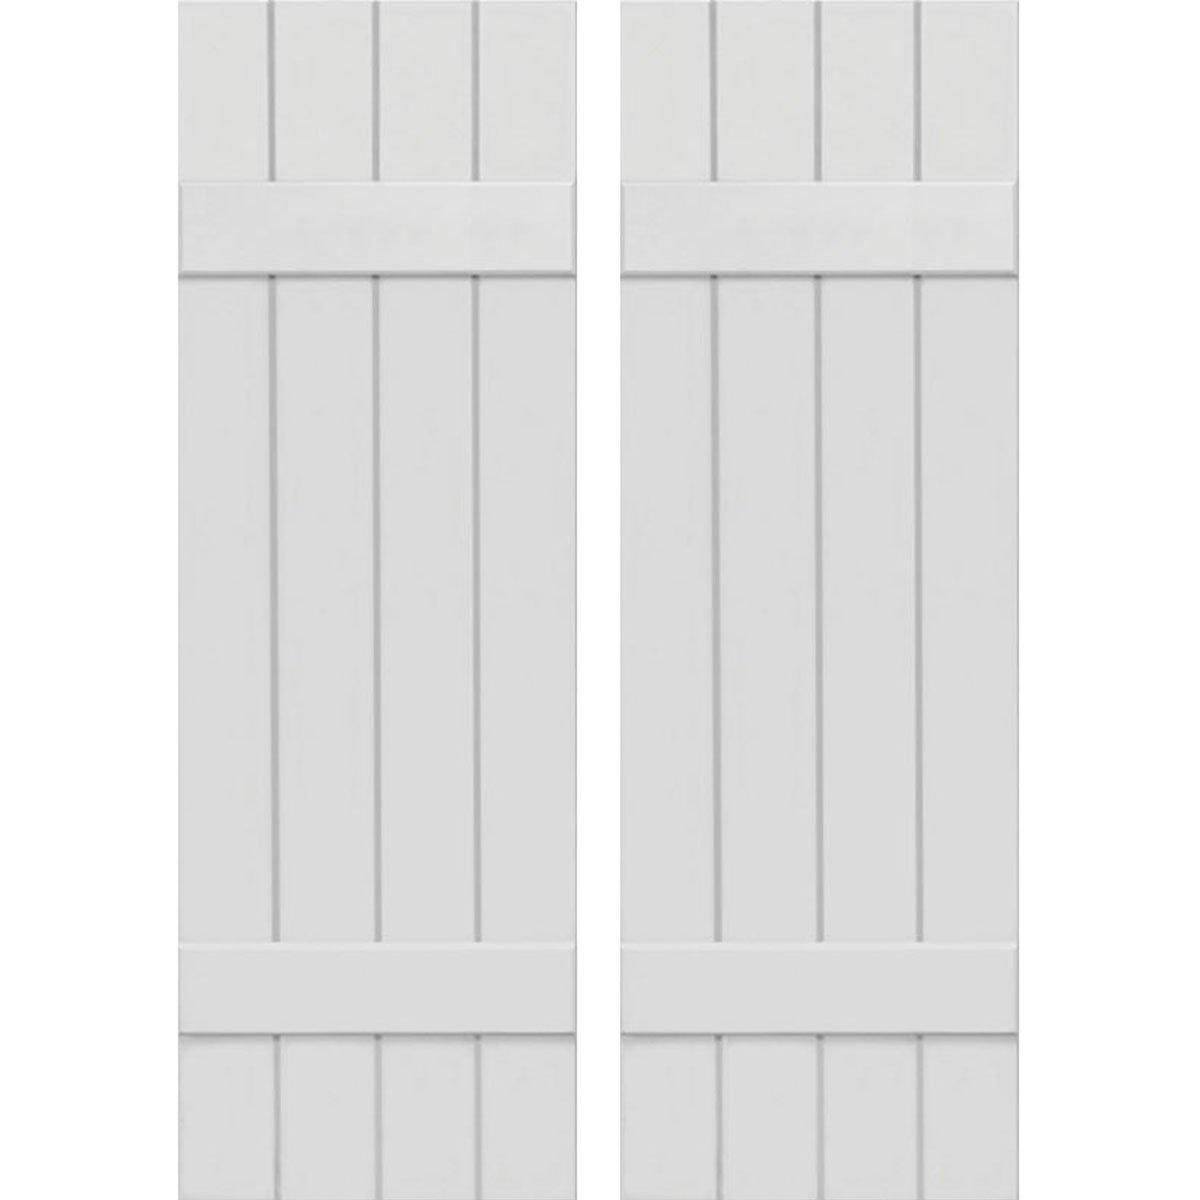 Ekena Millwork CWB15X056PRC Exterior Four Board